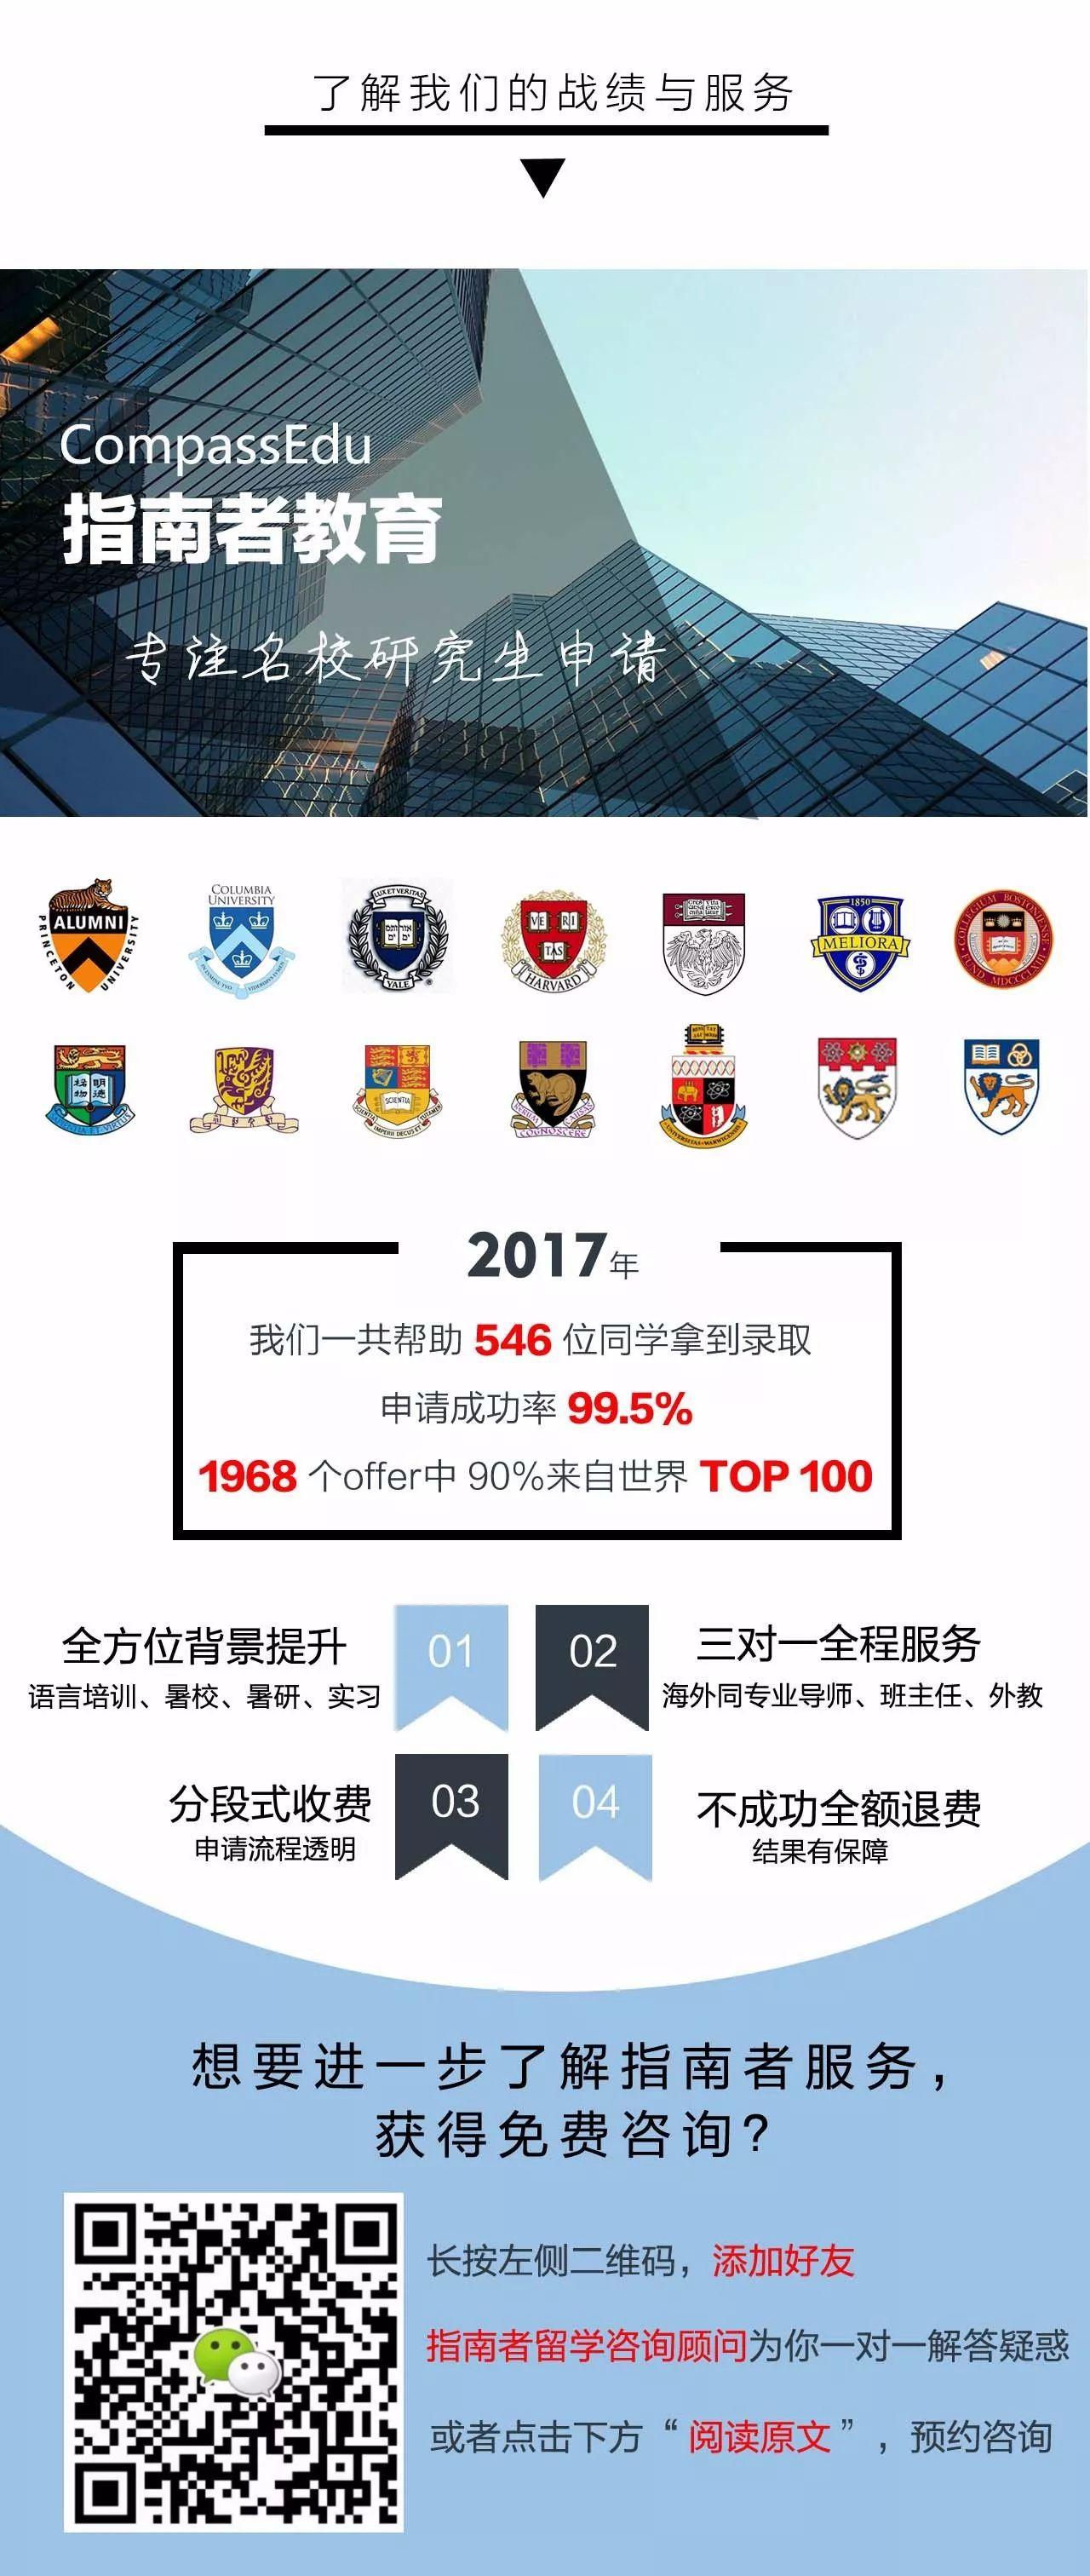 香港中文大学「英语文学」硕士研究生offer来了!